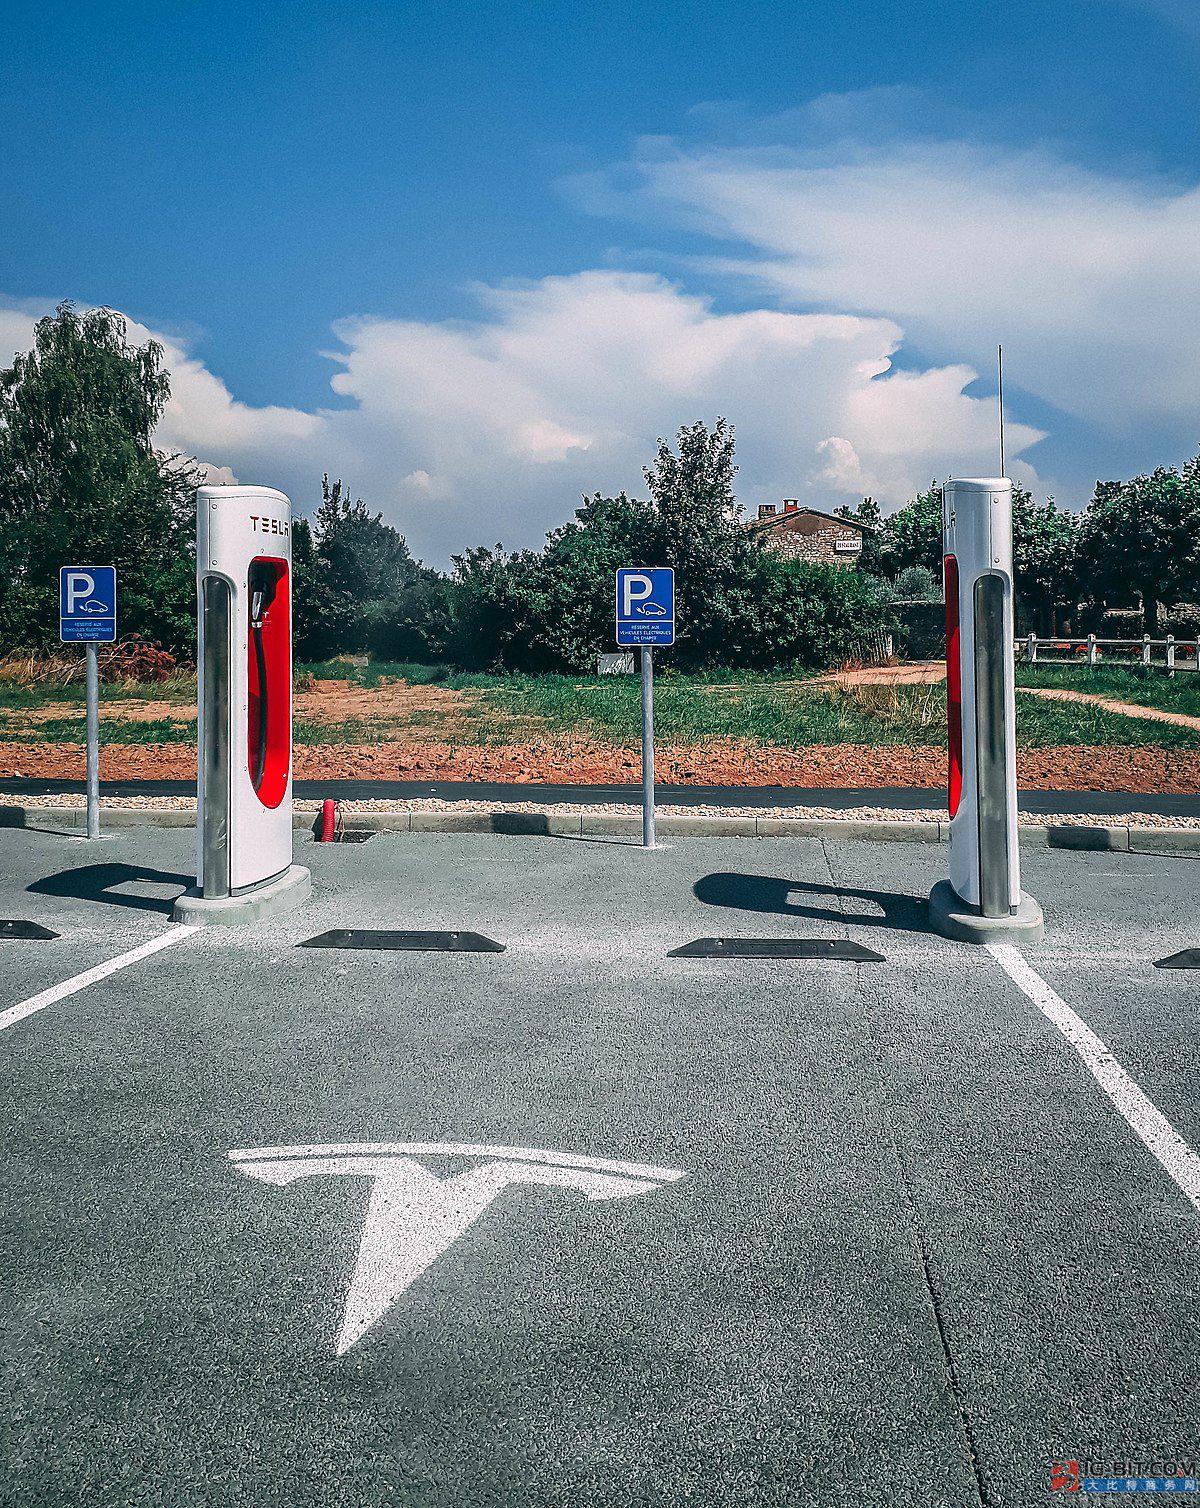 充电桩系列难题待解:盈利能力低 产业链中相对弱势